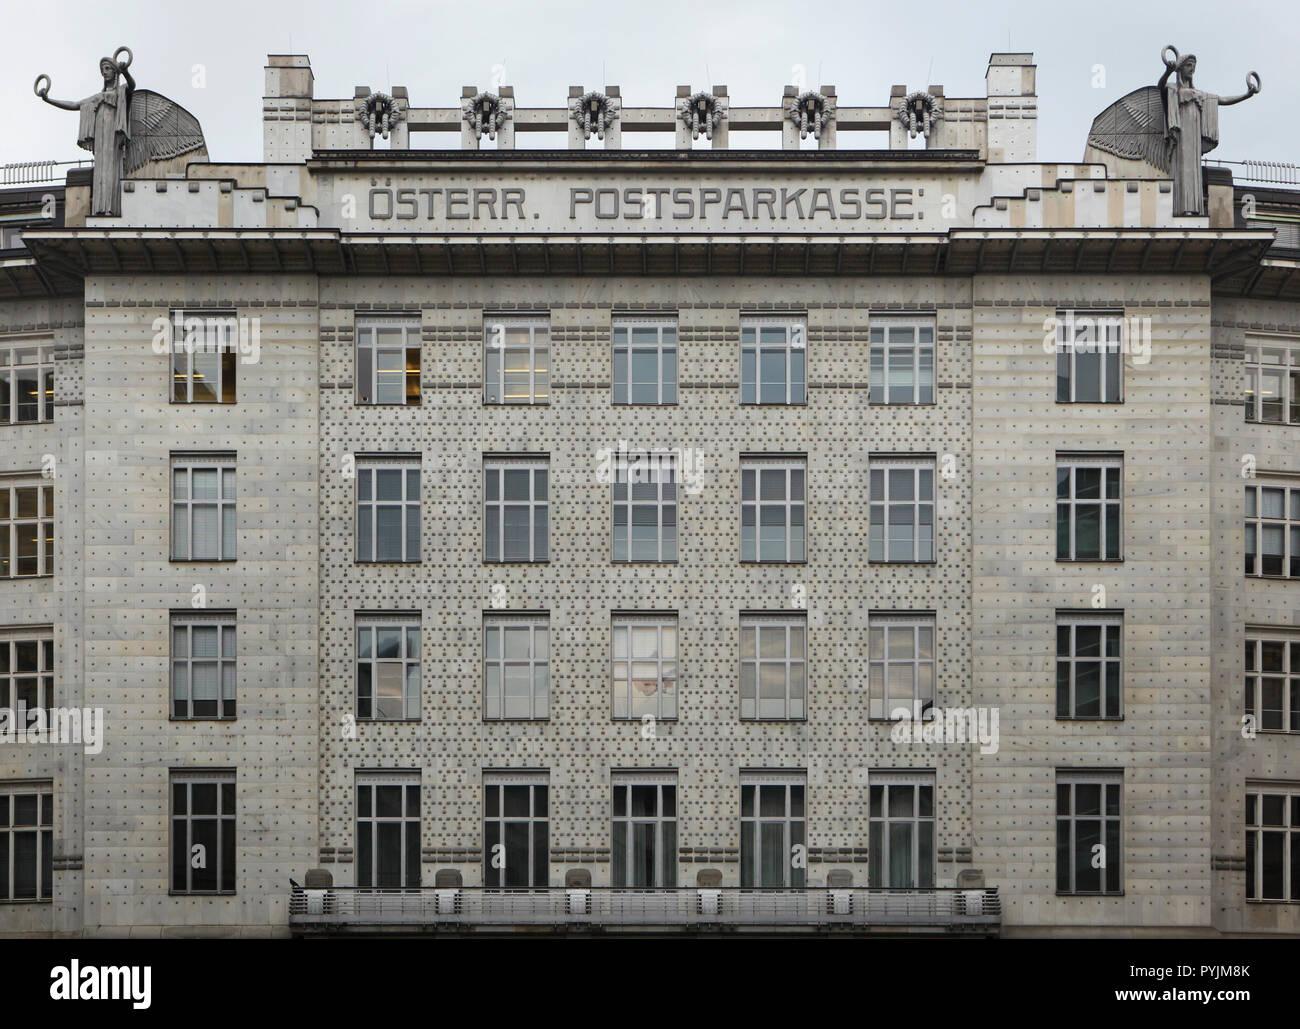 Osterreichische Postsparkasse Austrian Postal Savings Bank